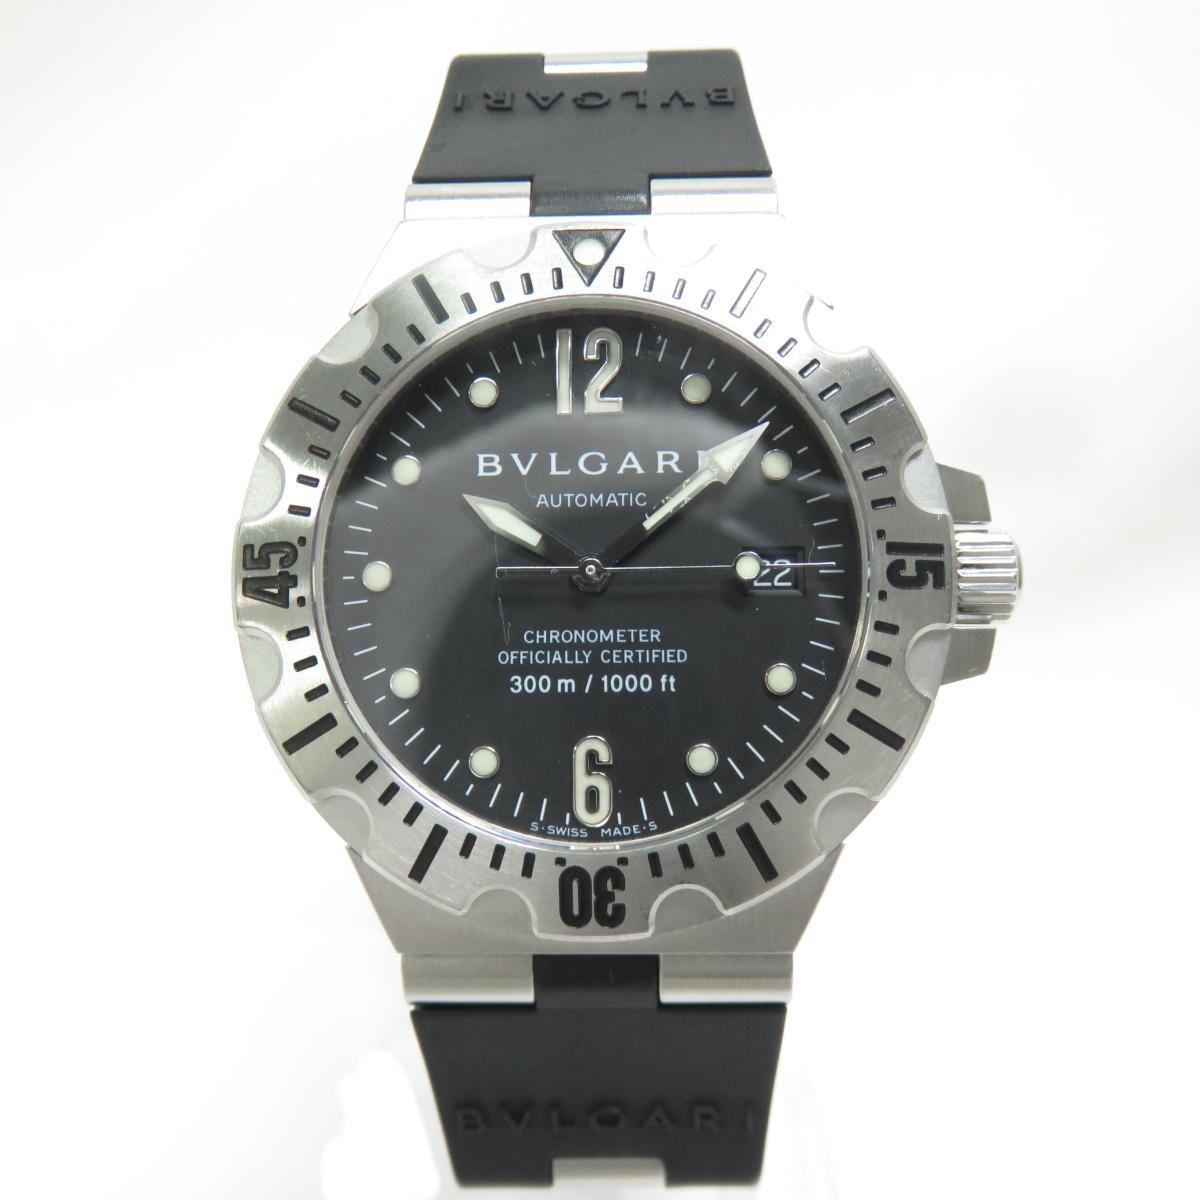 【中古】 ブルガリ ディアゴノ プロフェッショナル ウォッチ 腕時計 メンズ ステンレススチール (SS)ラバーベルト ブラック (SD40S) | BVLGARI BRANDOFF ブランドオフ ブランド ブランド時計 ブランド腕時計 時計